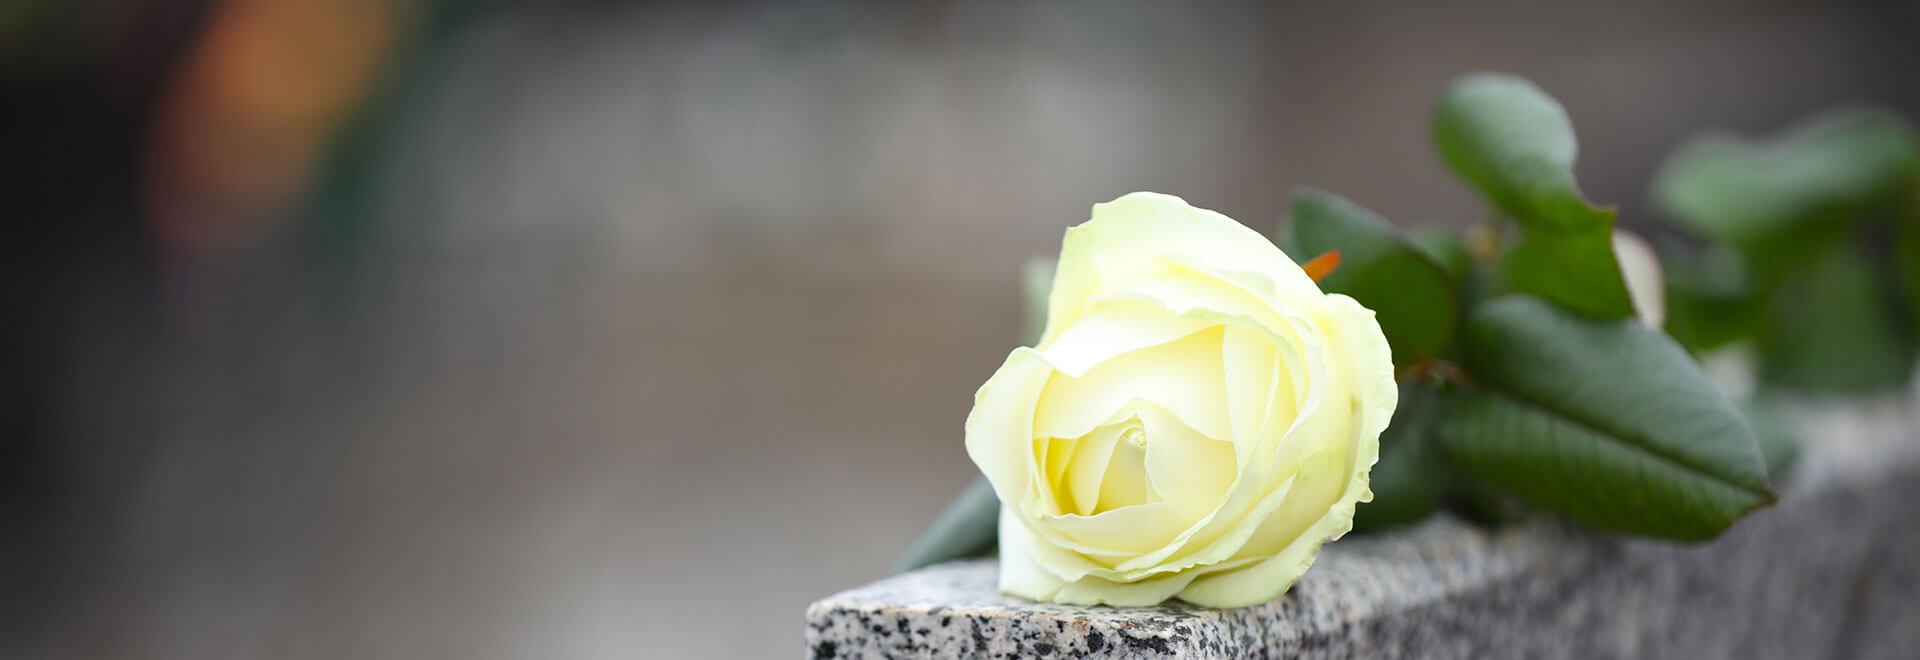 Eine liegende Rose